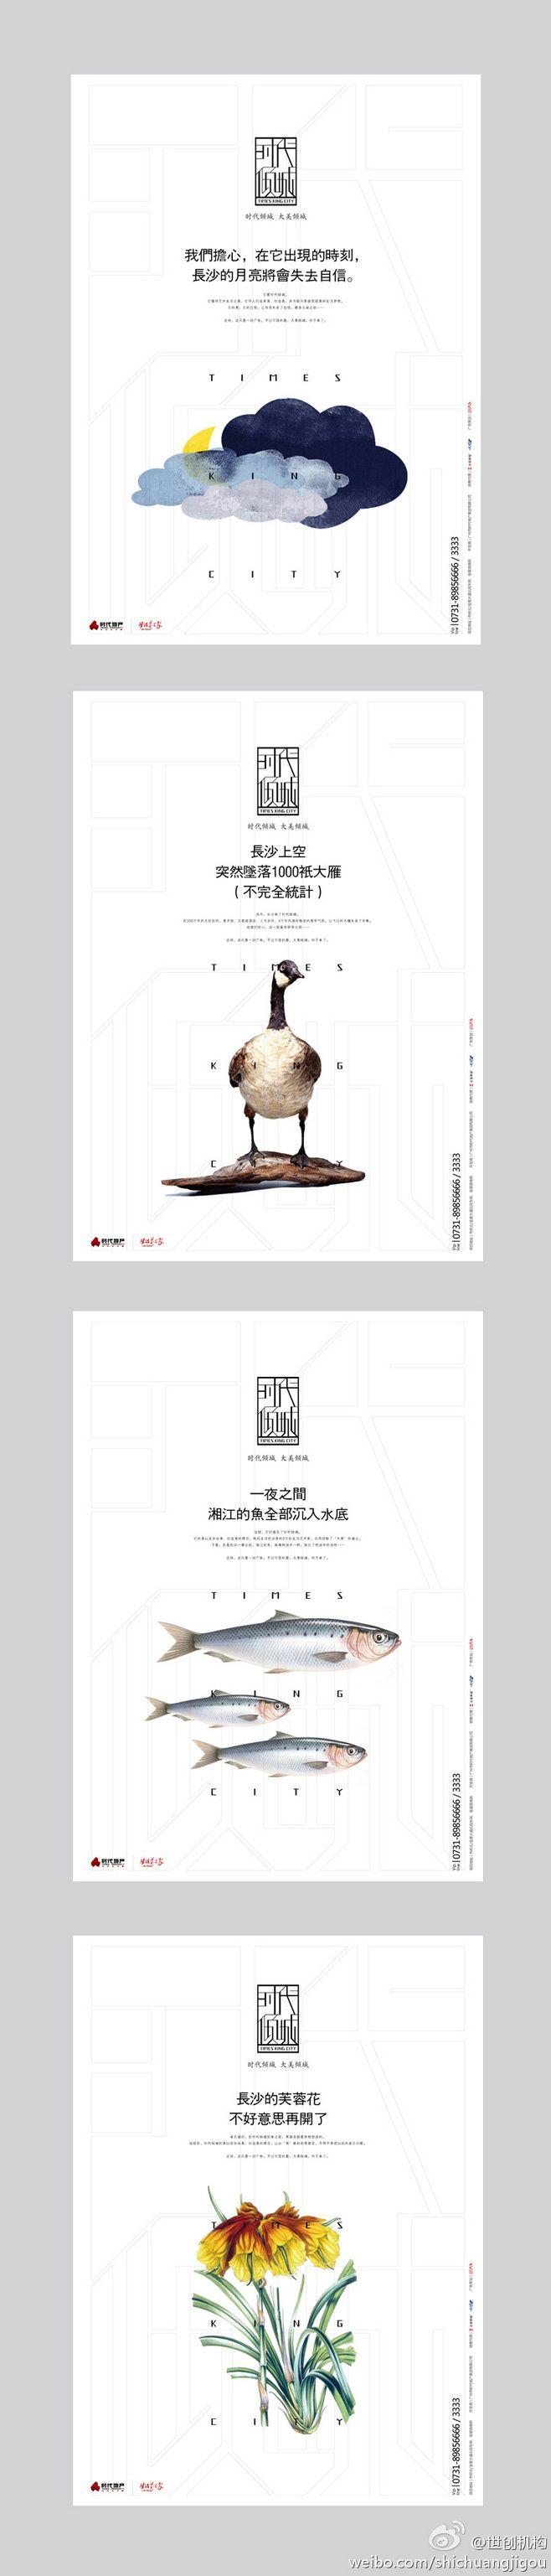 时代倾城 #地产广告#@十三君采集到地产控~(686图)_花瓣平面设计